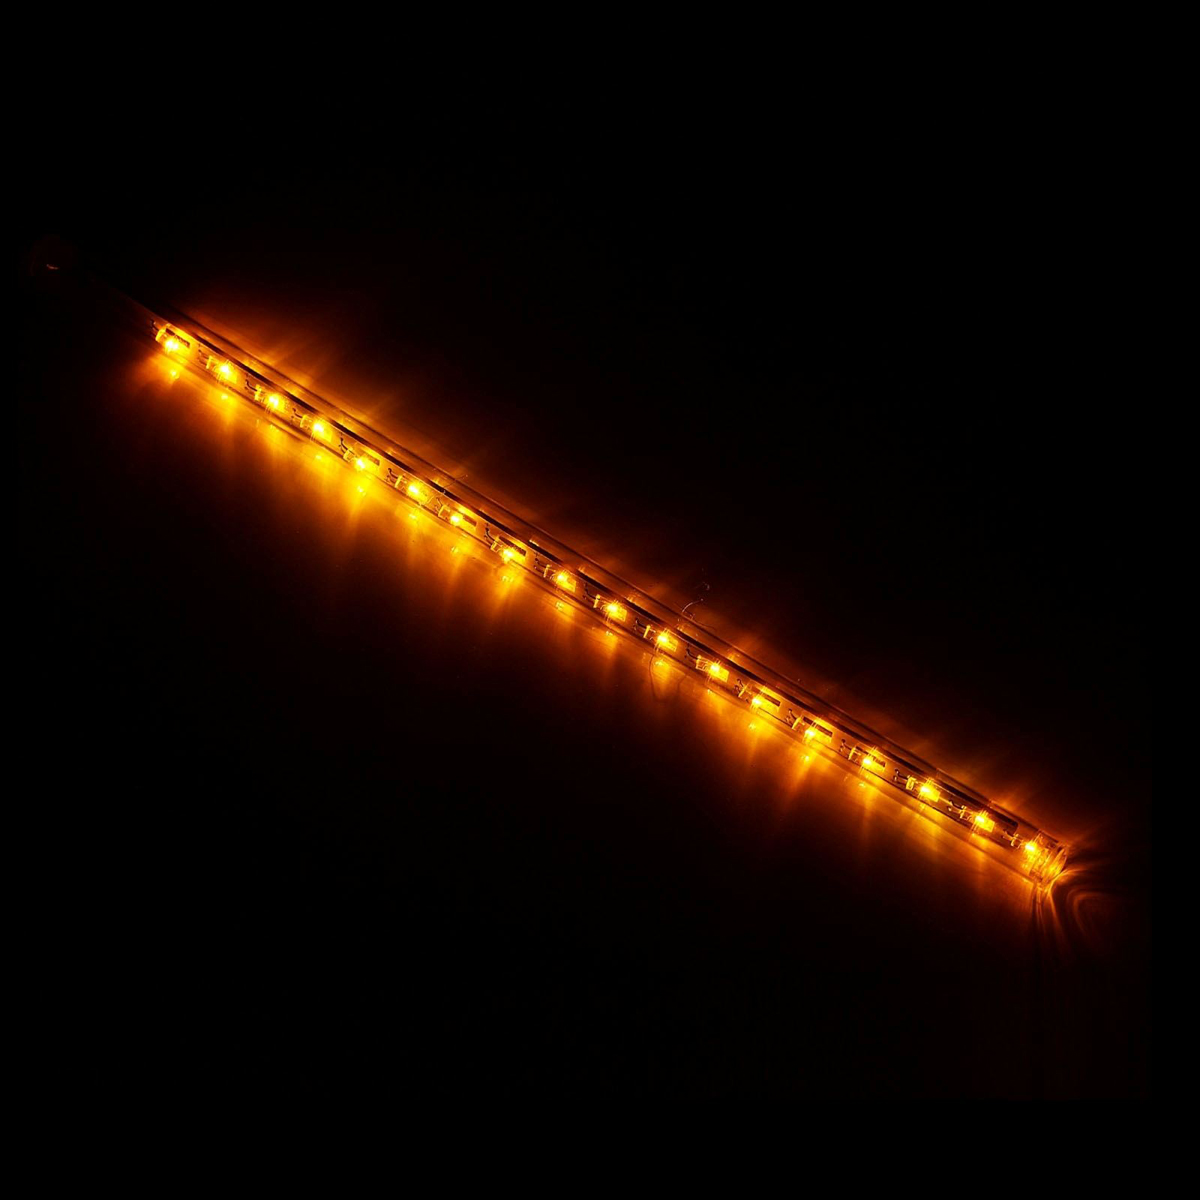 Светодиодная сосулька Luazon Тающая, длина 0,3 м, диаметр 2 см, LED 18 ламп, 220V, цвет: желтый678894Светодиодные гирлянды, ленты и т.д - это отличный вариант для новогоднегооформления интерьера или фасада. С их помощью помещение любогоразмера можно превратить в праздничный зал, а внешние элементы зданий,украшенные ими, мгновенно станут напоминать очертания сказочного дворца.Такие украшения создают ауру предвкушения чуда. Деревья, фасады, витрины,окна и арки будто специально созданы, чтобы вы украсили их светящимисянитями.